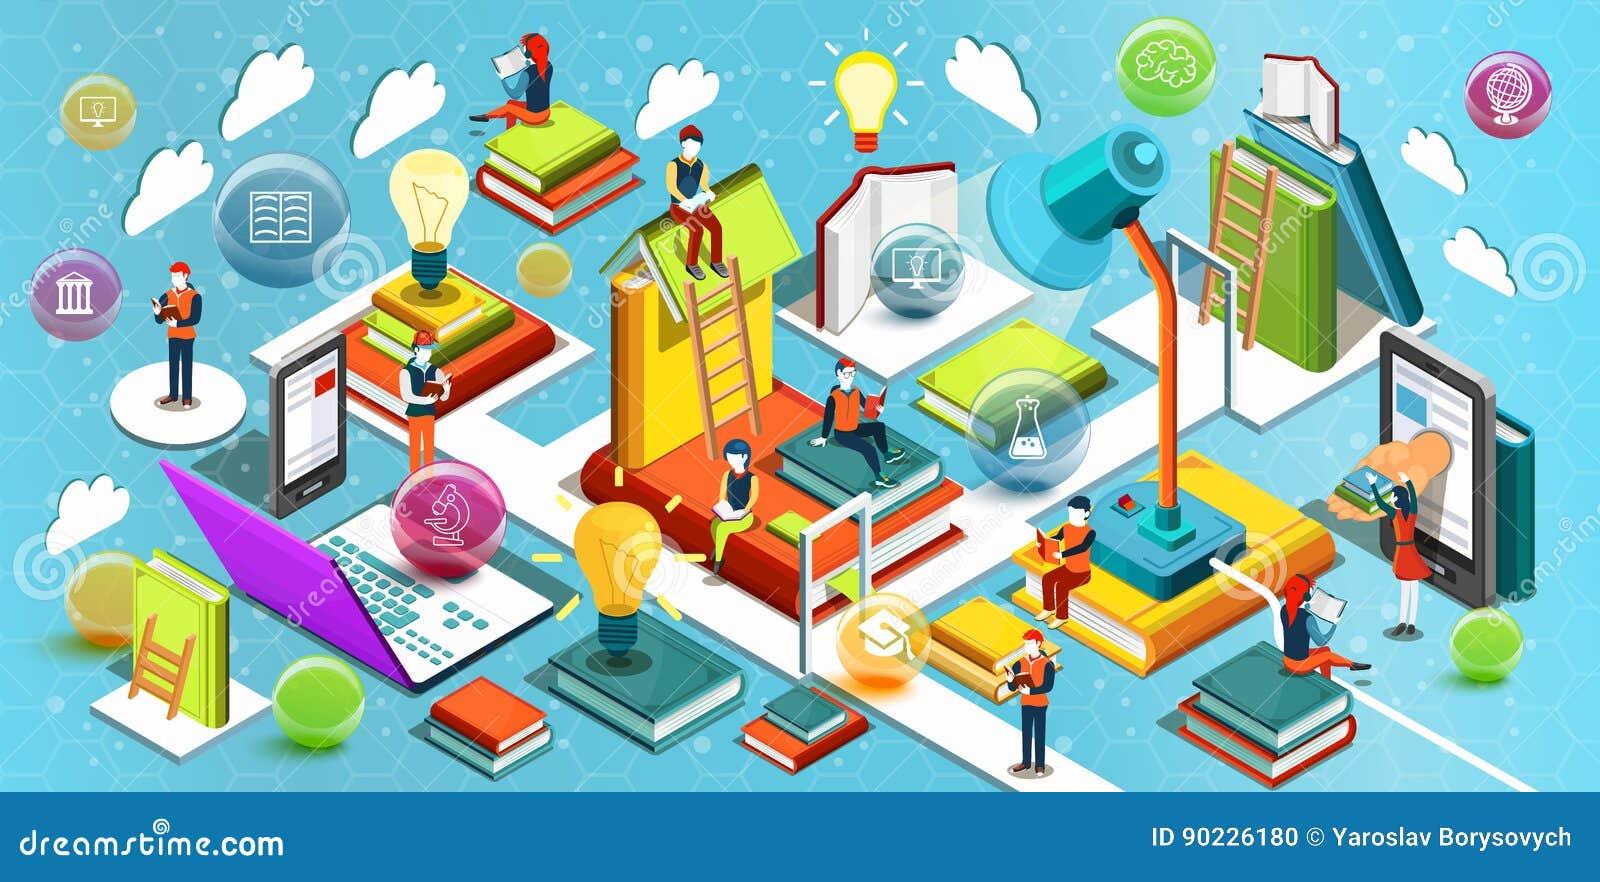 Online edukaci Isometric płaski projekt Pojęcie czytelnicze książki w bibliotece w sala lekcyjnej i jabłko rezerwuje pojęcia eduk